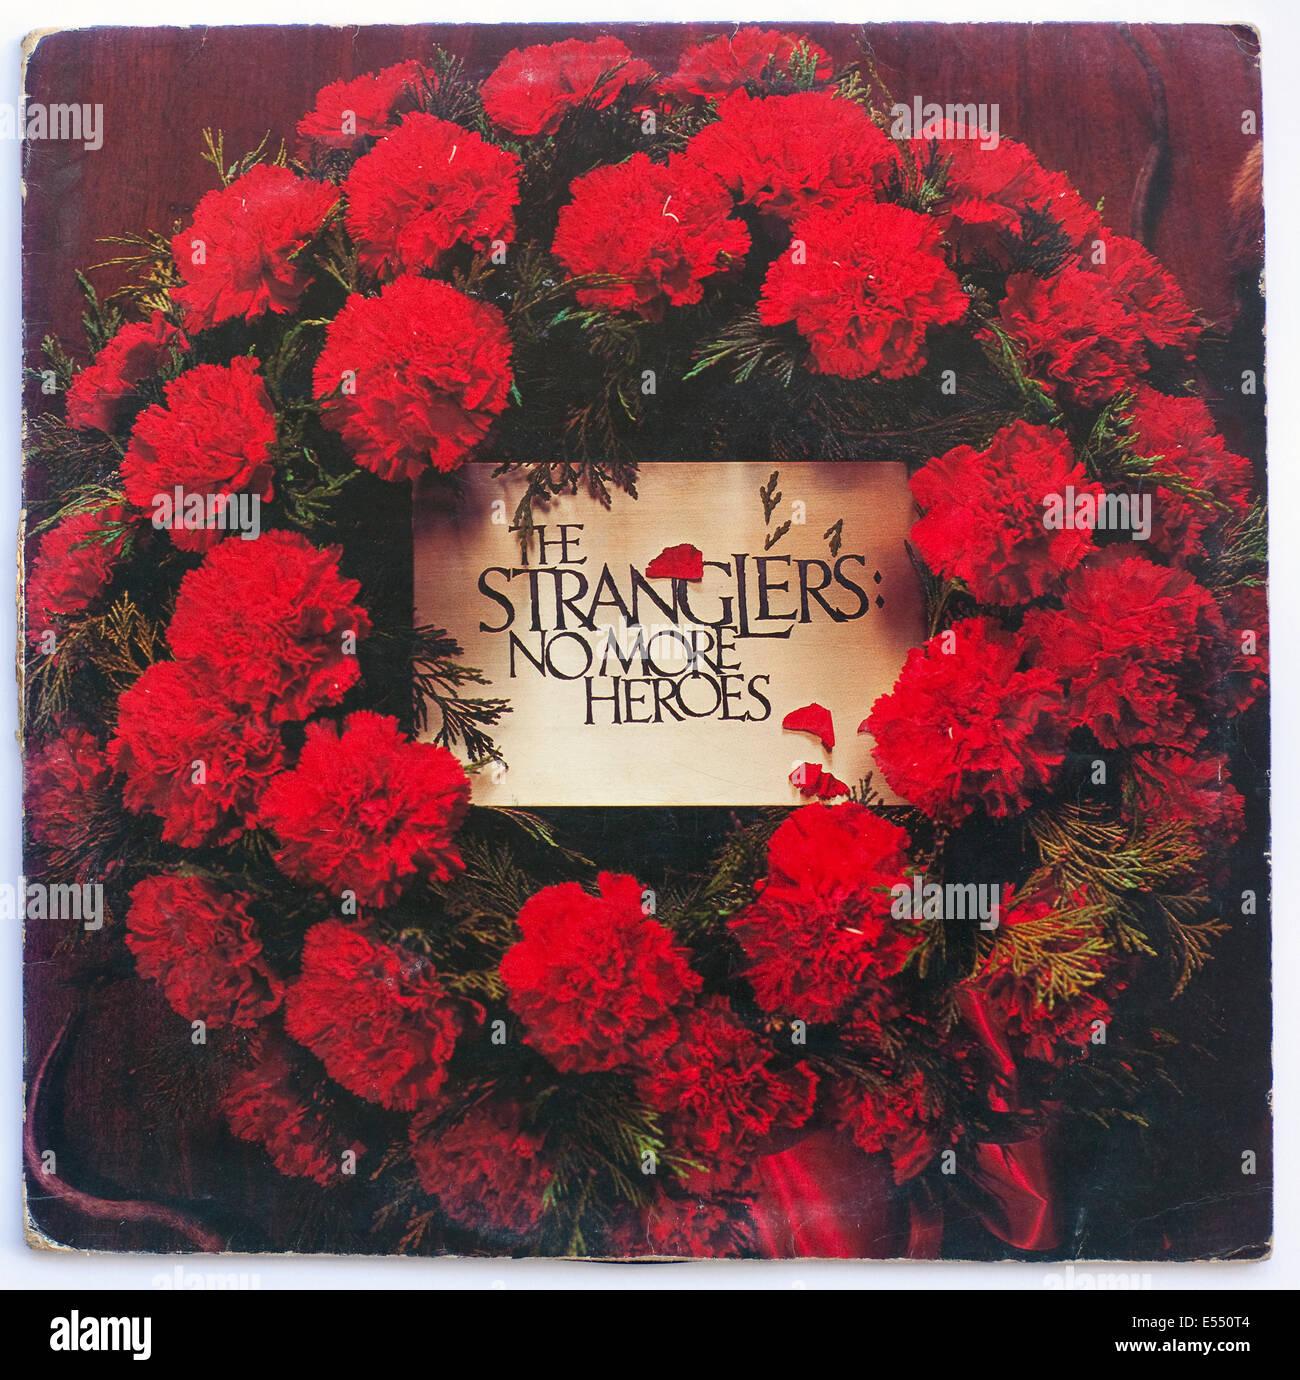 stock photo album cover - photo #48